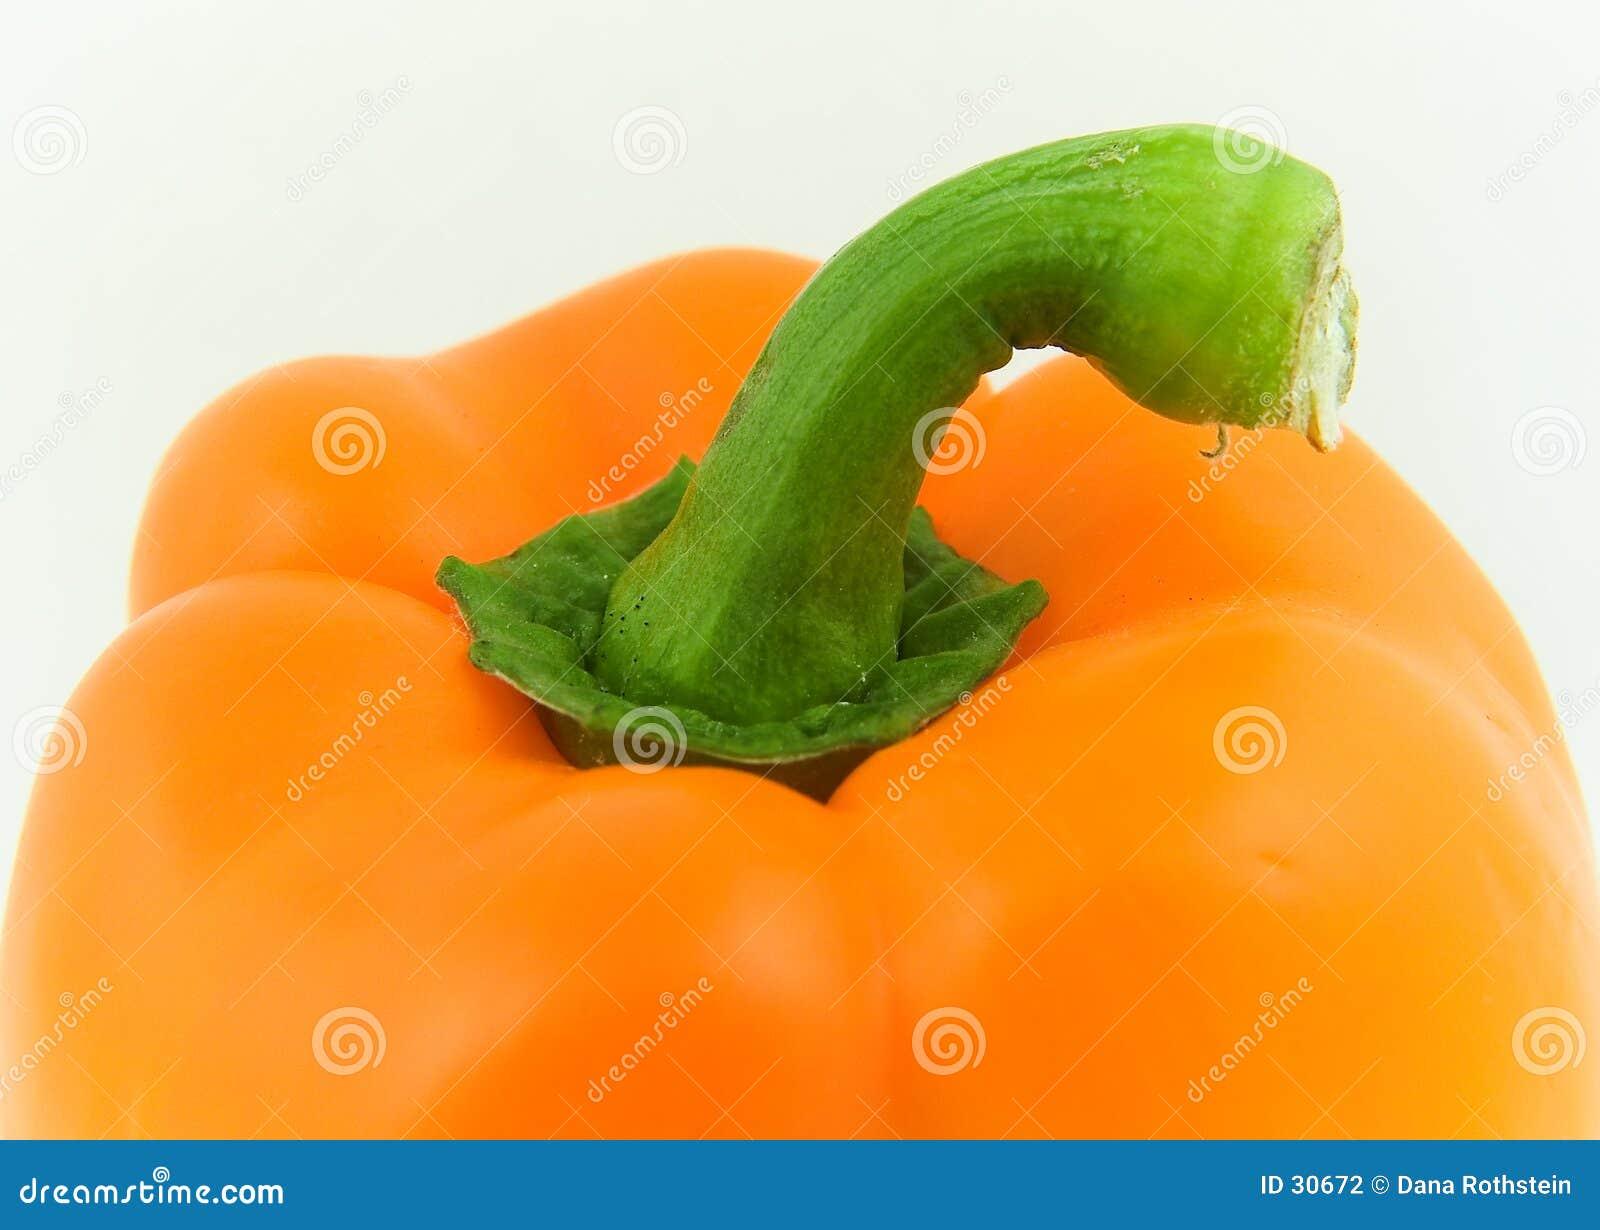 Download Pimienta anaranjada foto de archivo. Imagen de cubo, cocina - 30672